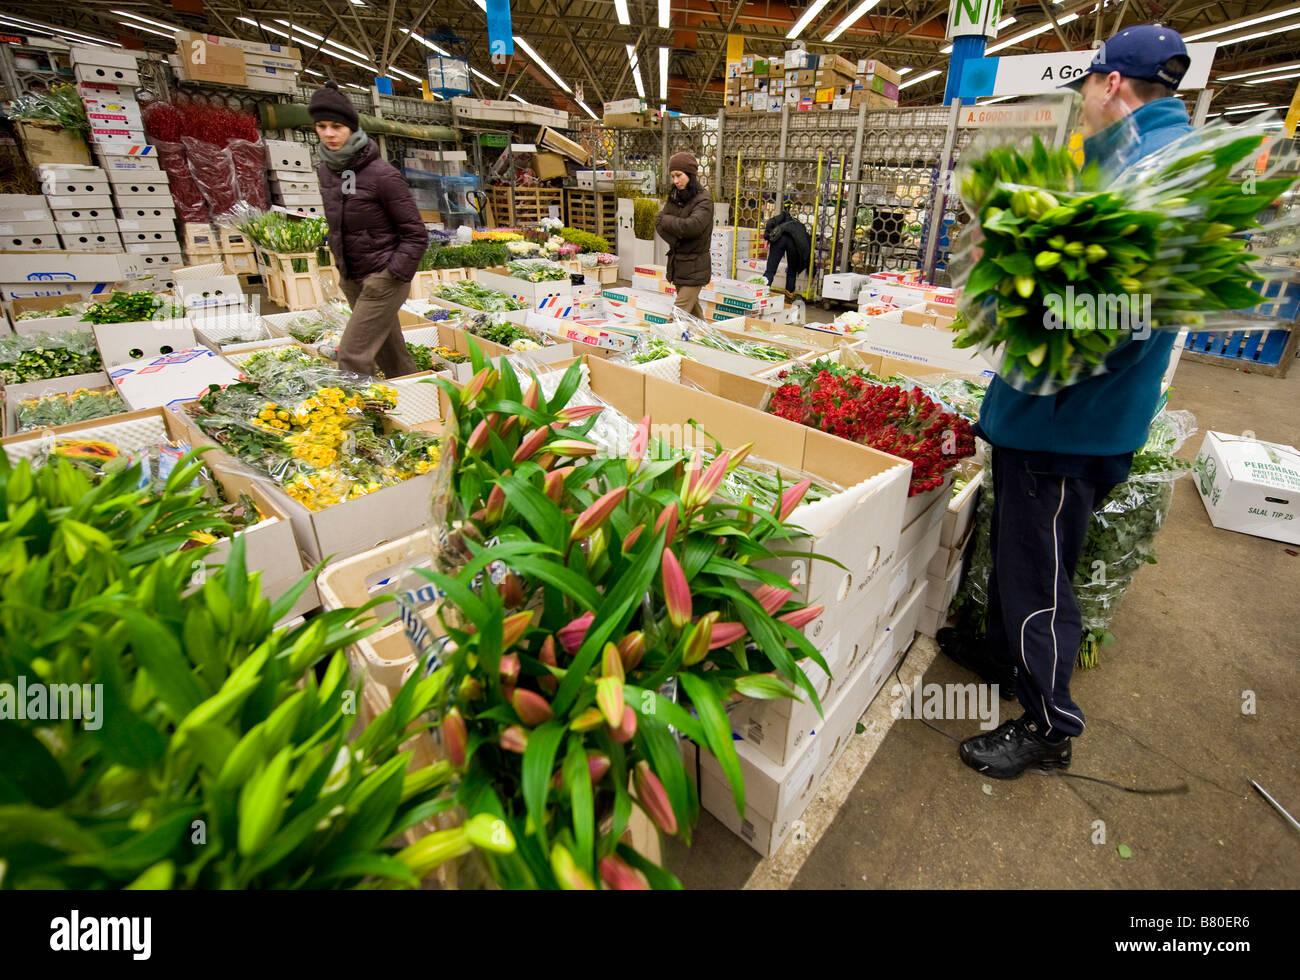 Un uomo guarda attraverso una selezione di fiori a Londra è di nuovo Covent Garden Flower Market Londra UK. Foto Stock